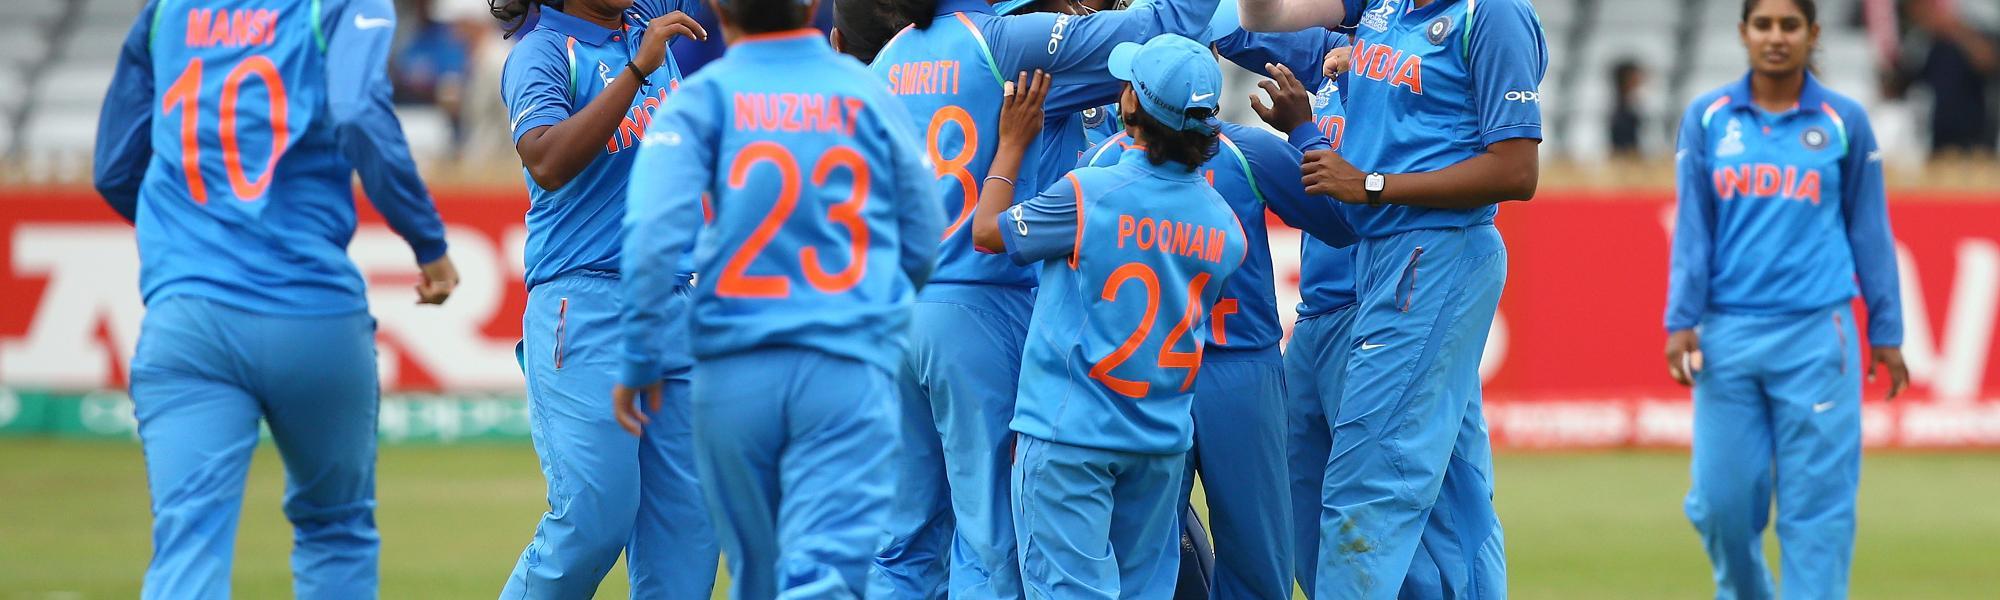 India Women celebrating